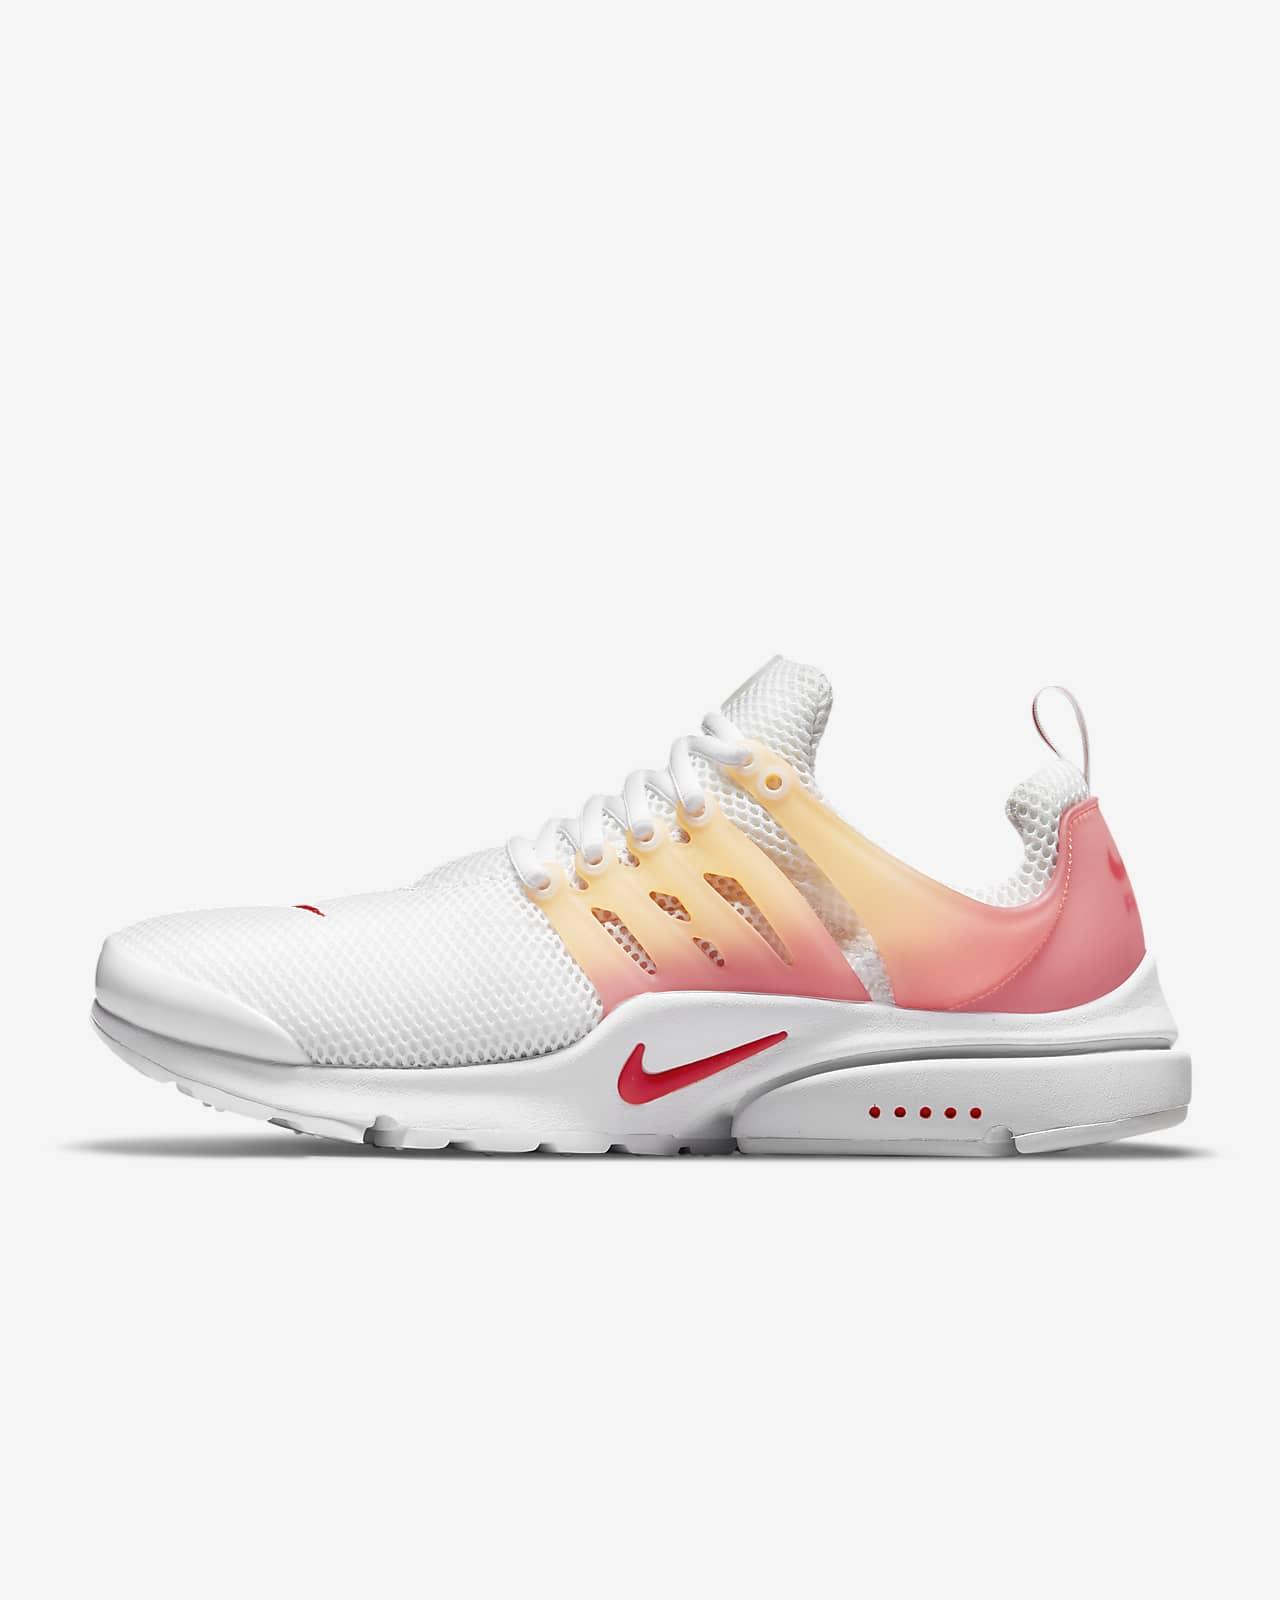 Sko Nike Air Presto